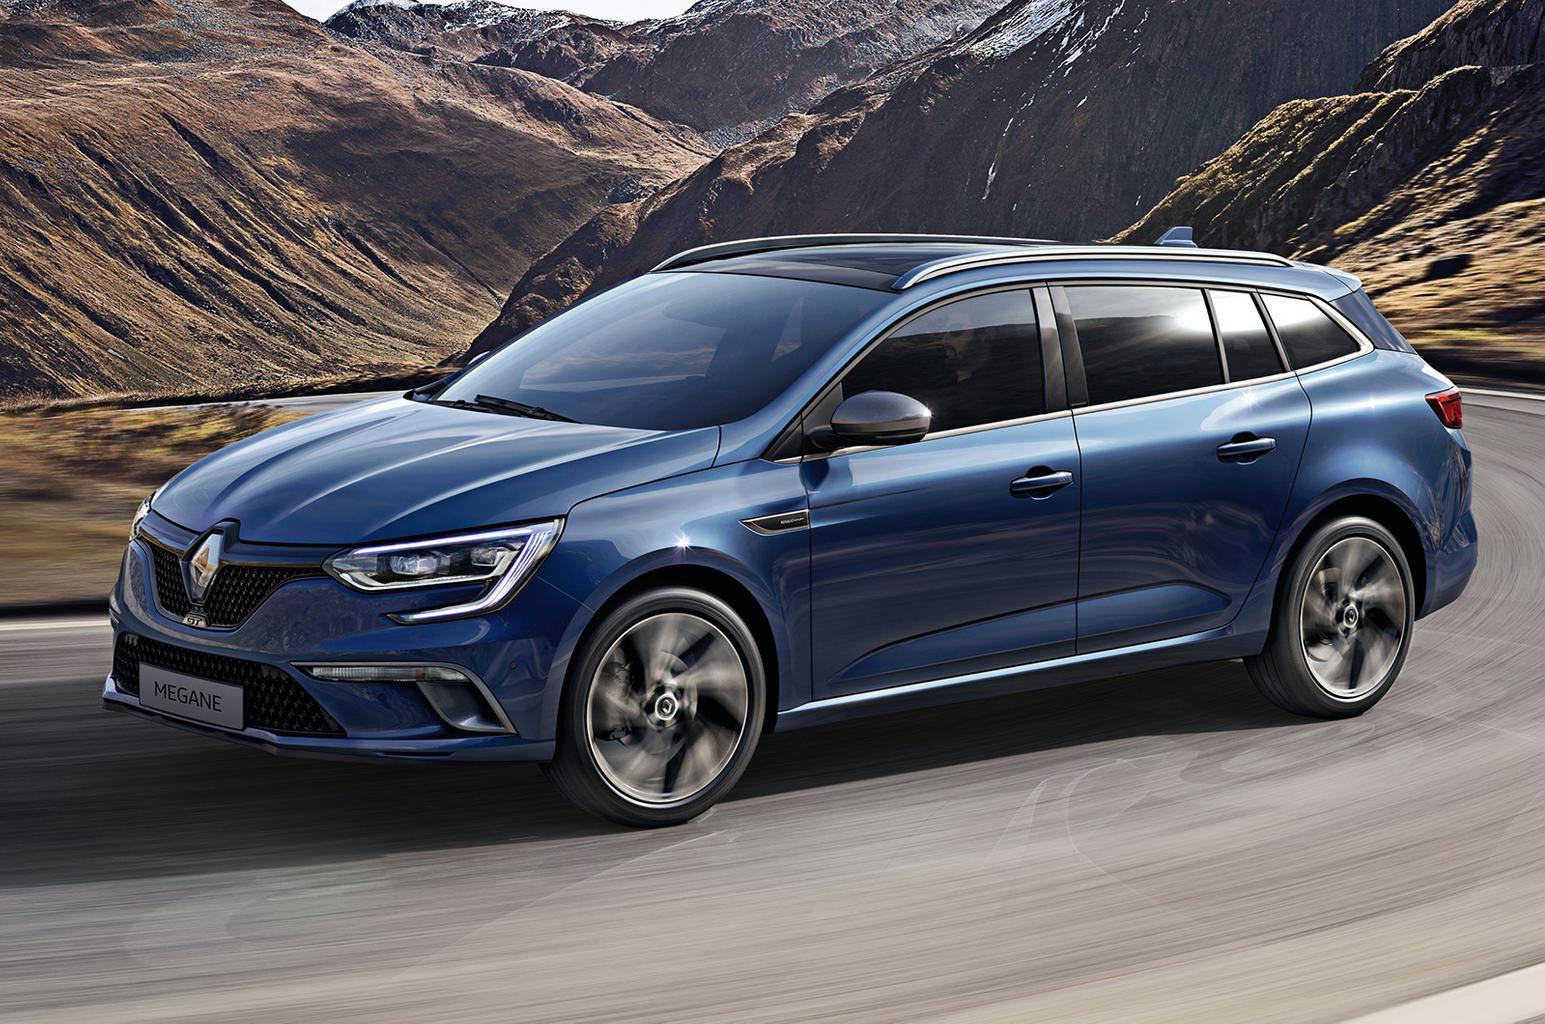 2016 Renault Megane Sport Tourer unveiled